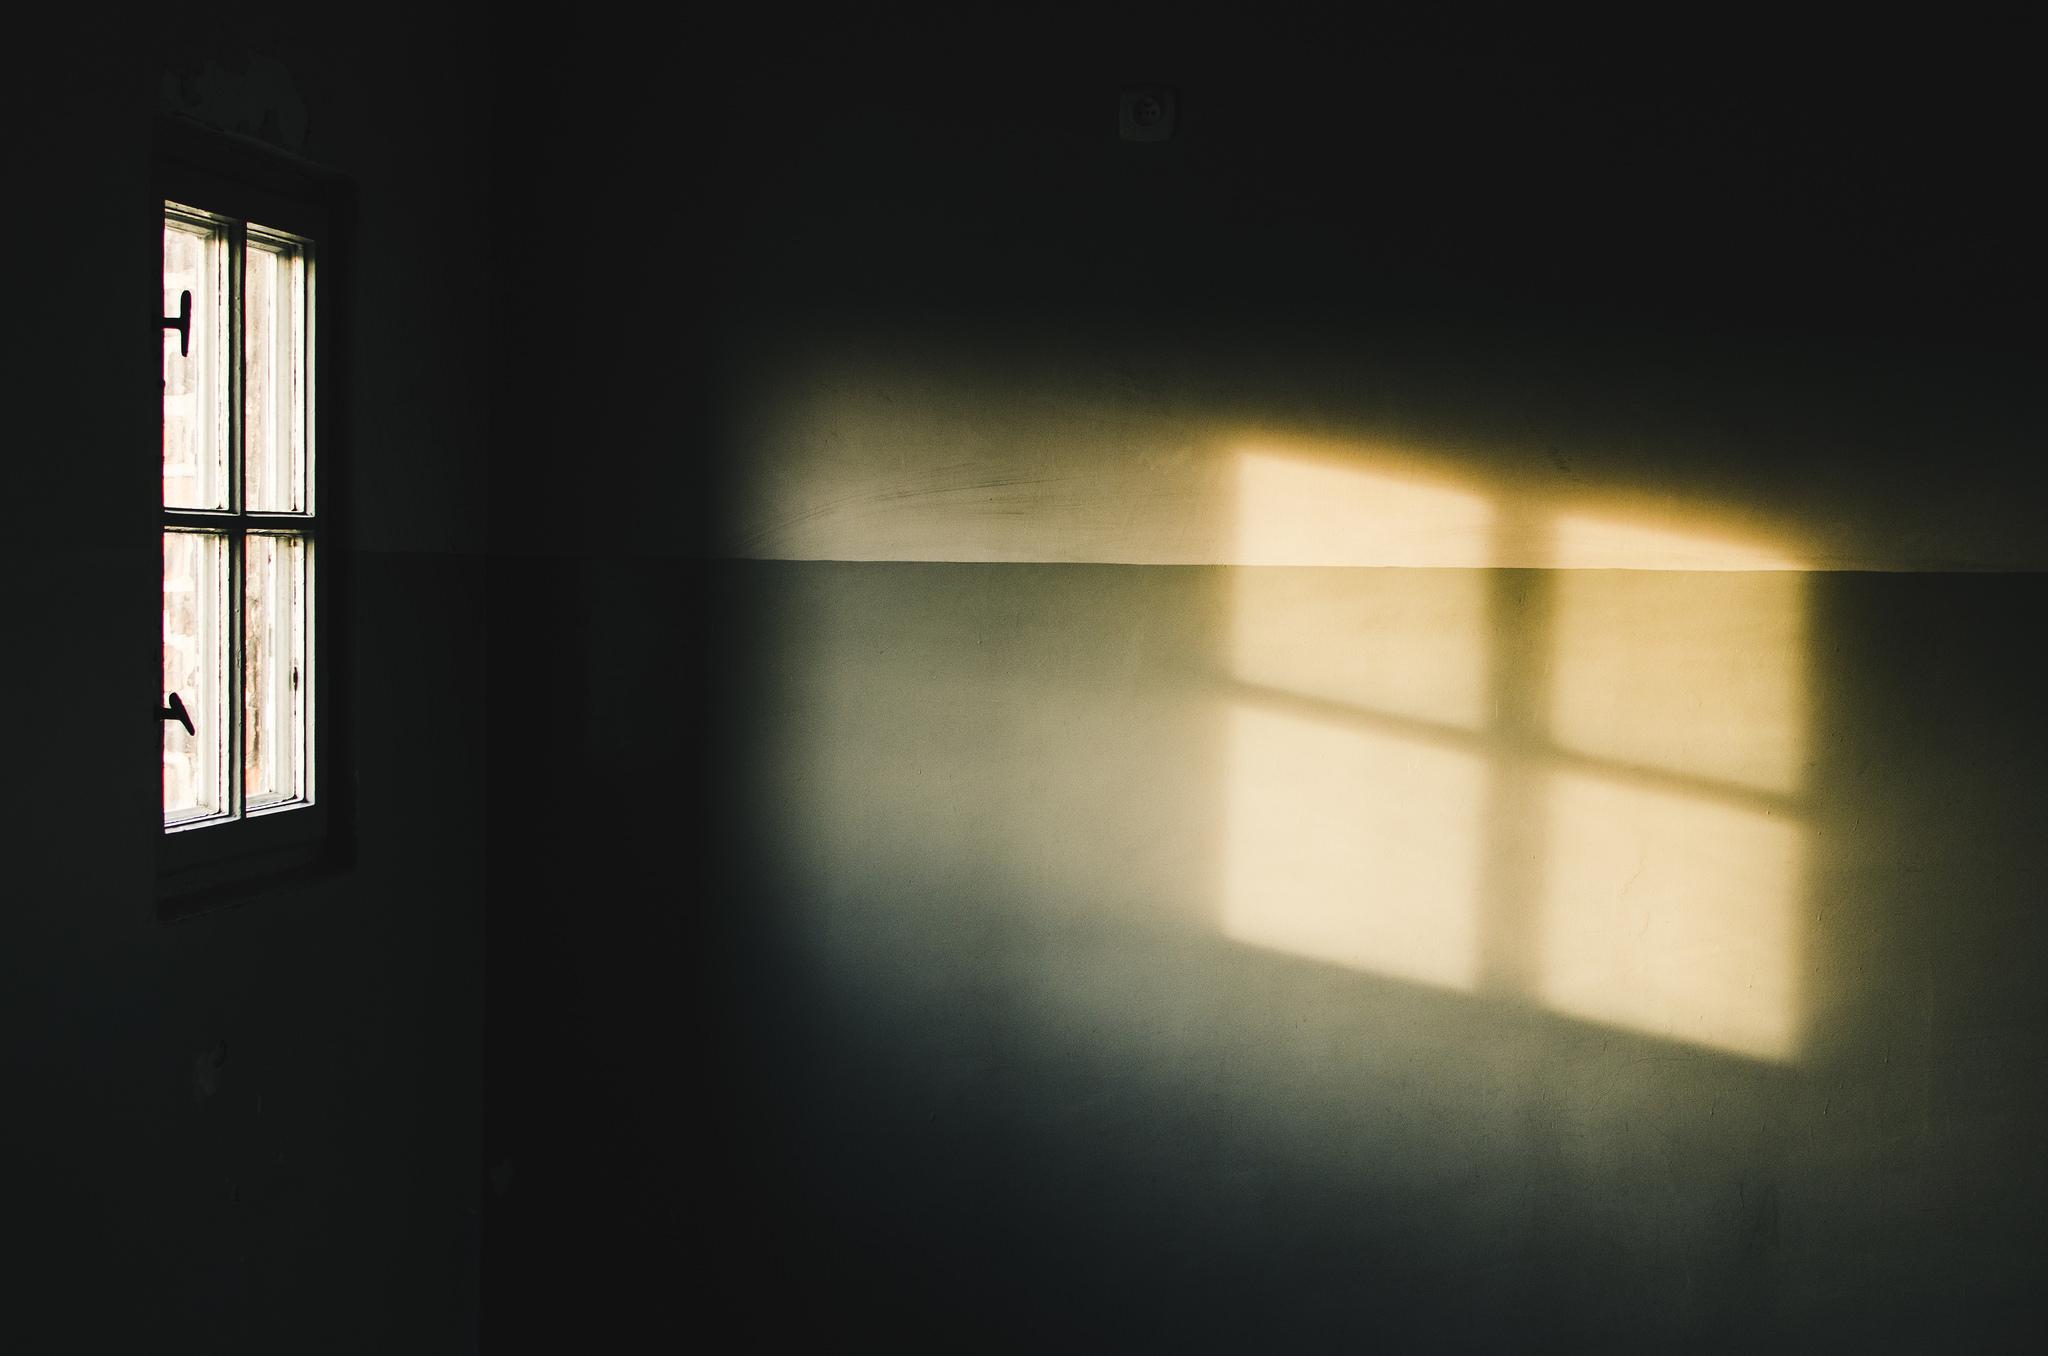 JaviSanchezdelavina-WindowofLight